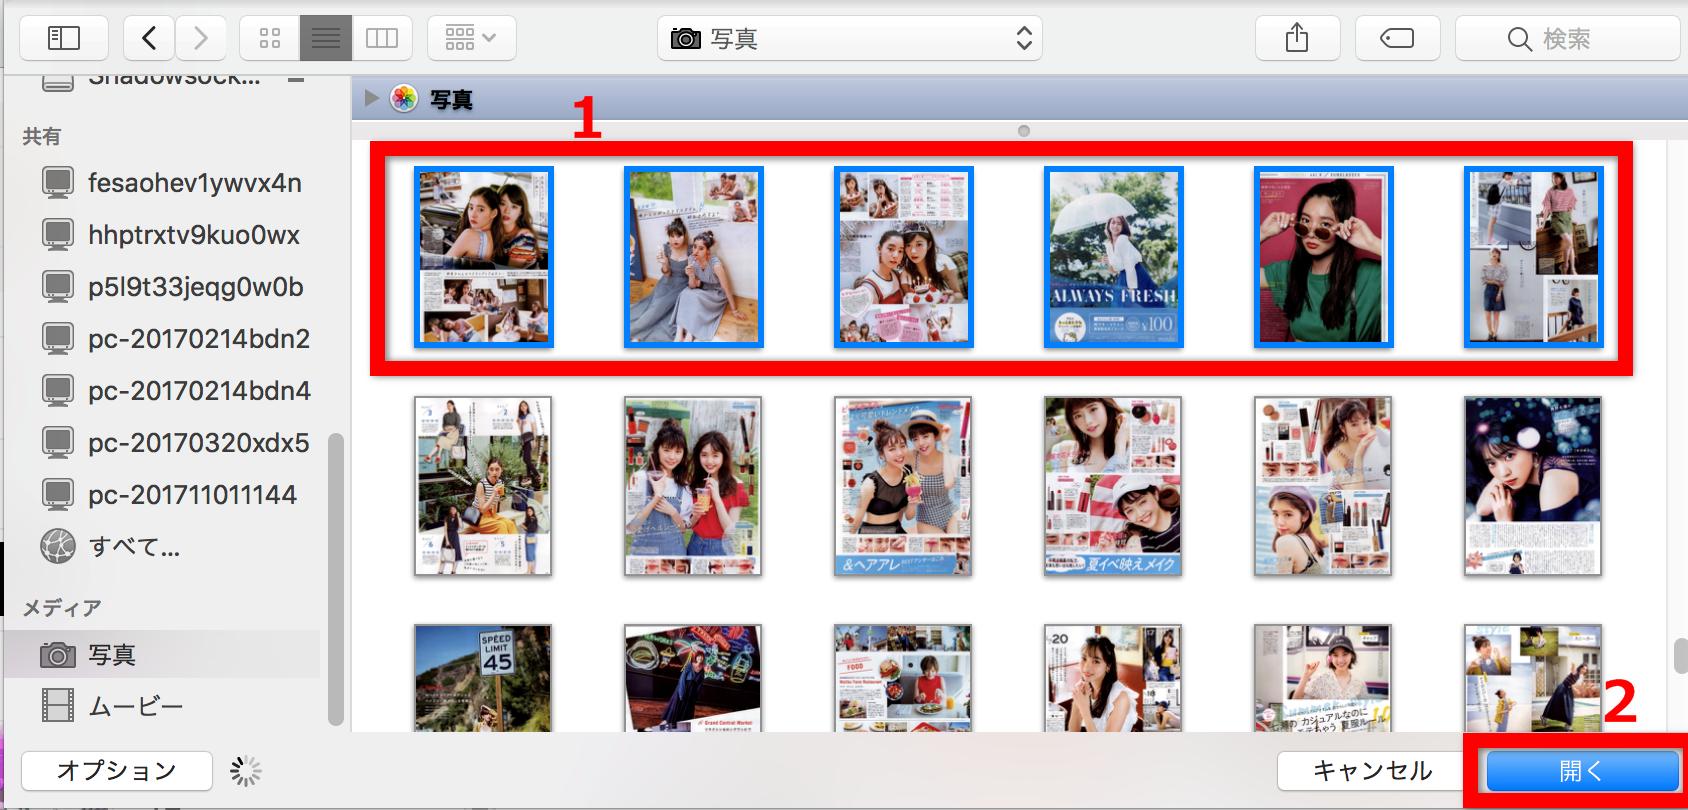 AnyTrans-SDカードからiPhoneに写真を移す方法 step 5